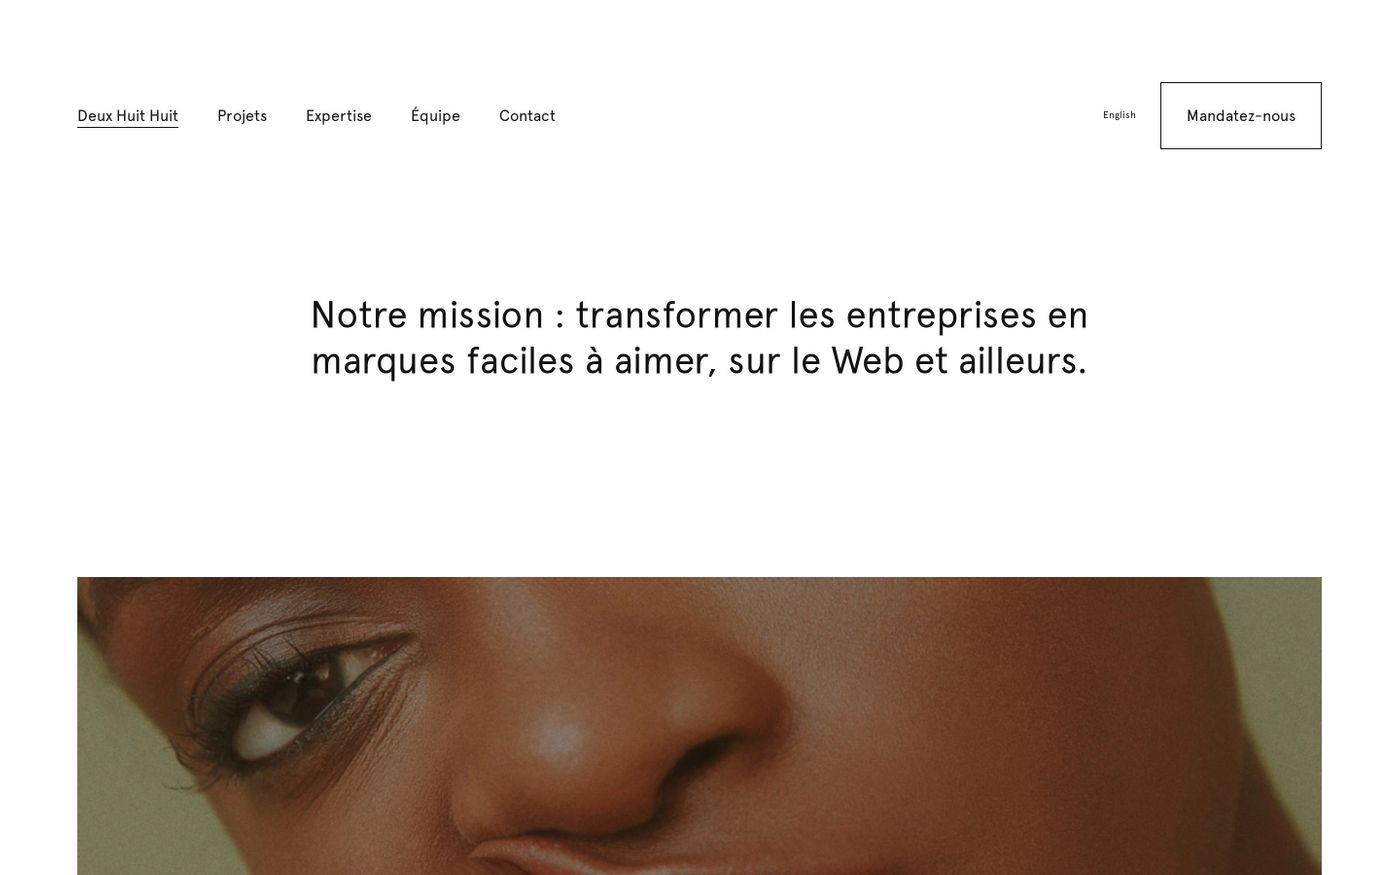 Screenshot of Deux Huit Huit website